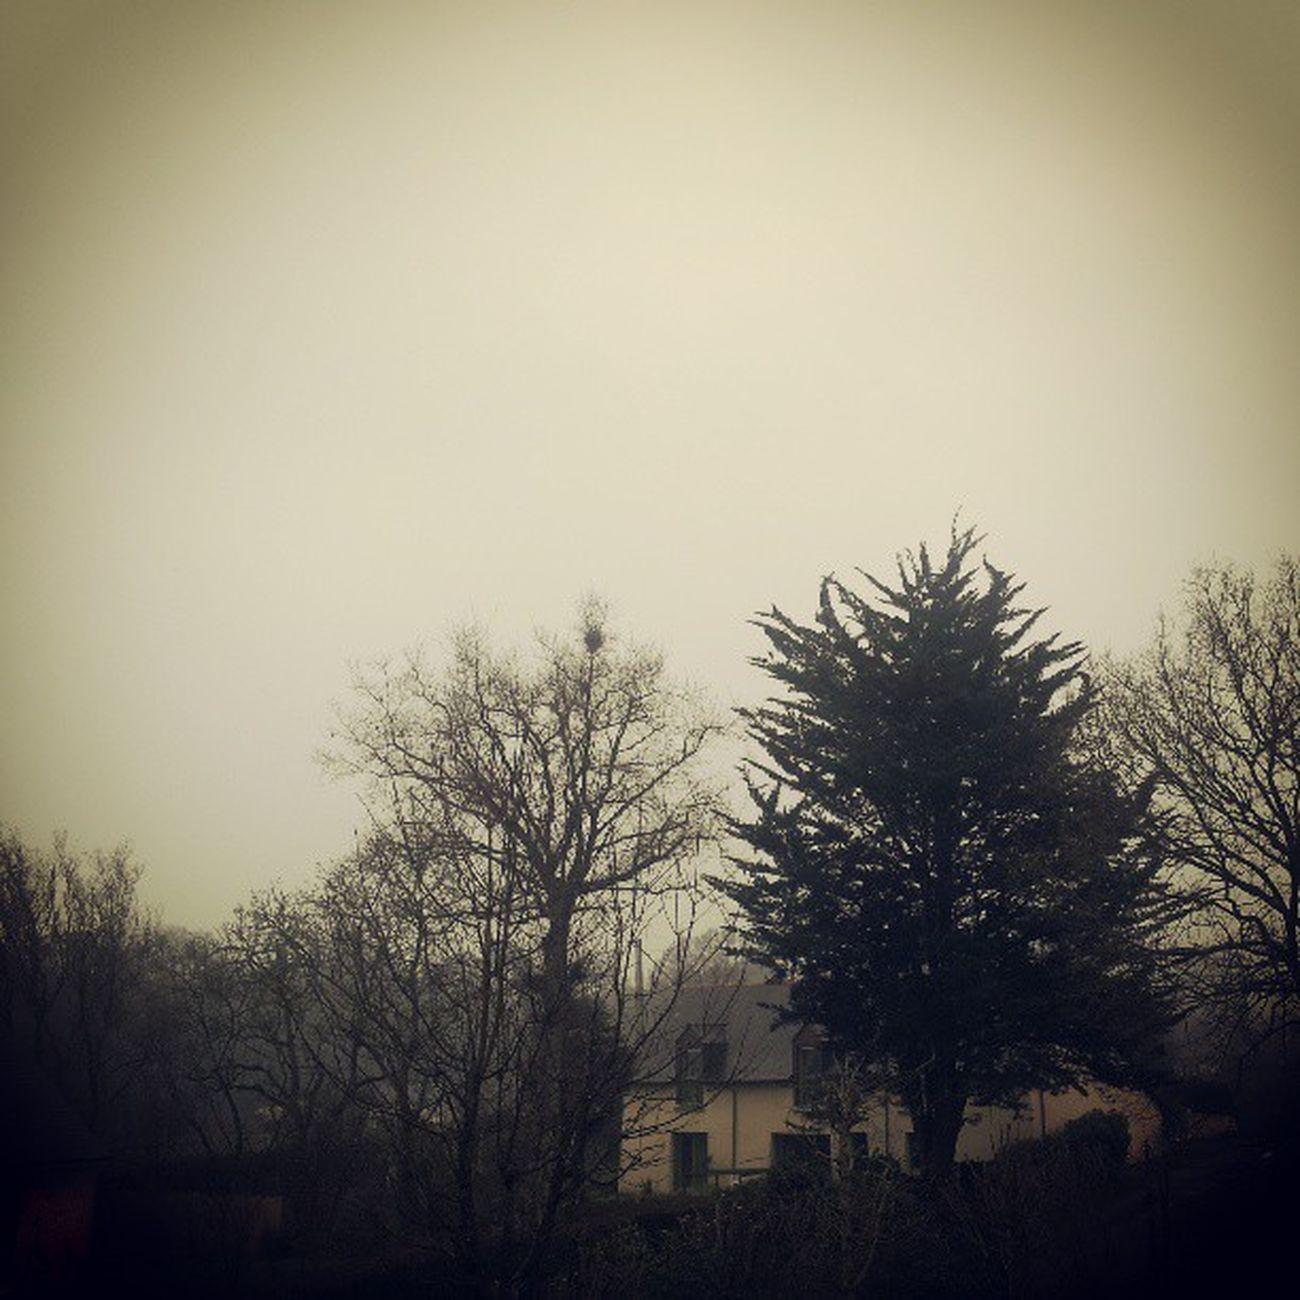 Nous voila bien arrivé en Bretagne Rennes Vezin Pluie tempsbreton weekend